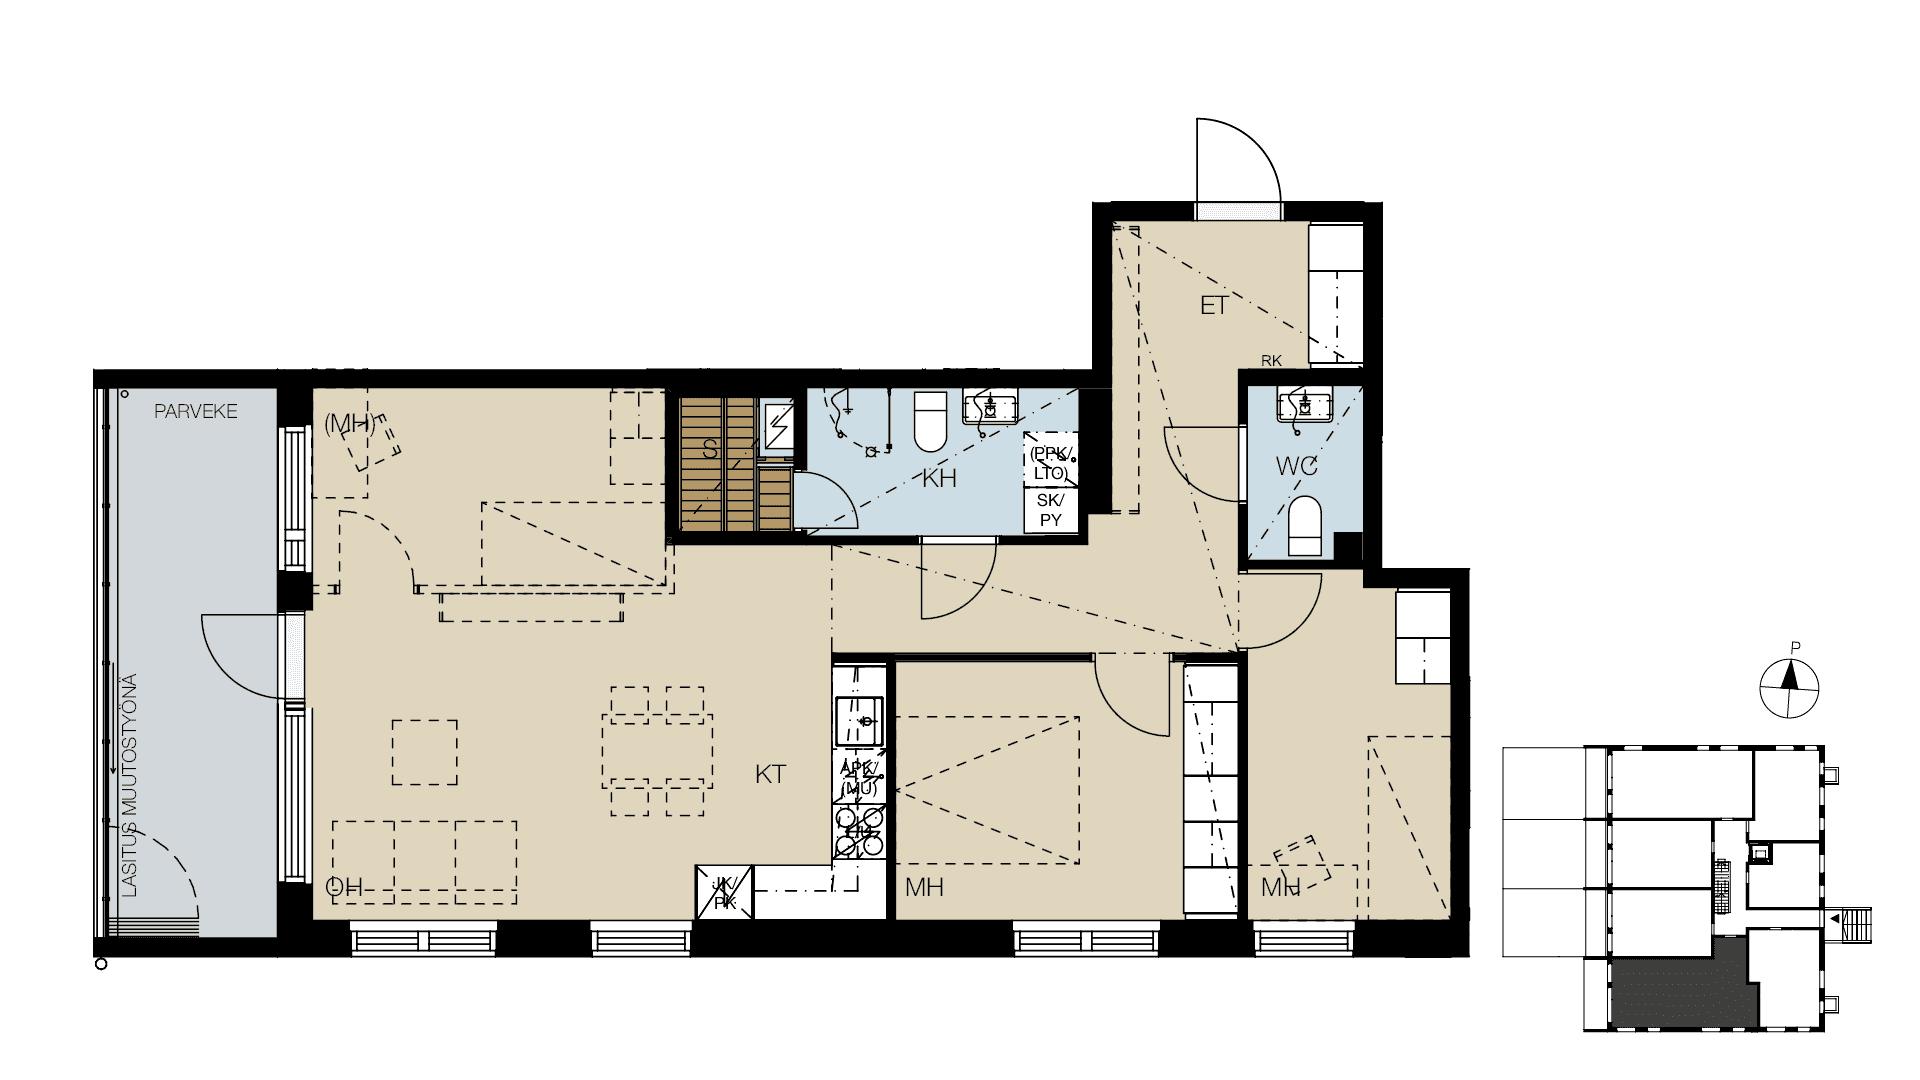 Asuntopohja - Lohjan Keksitehdas - YIT